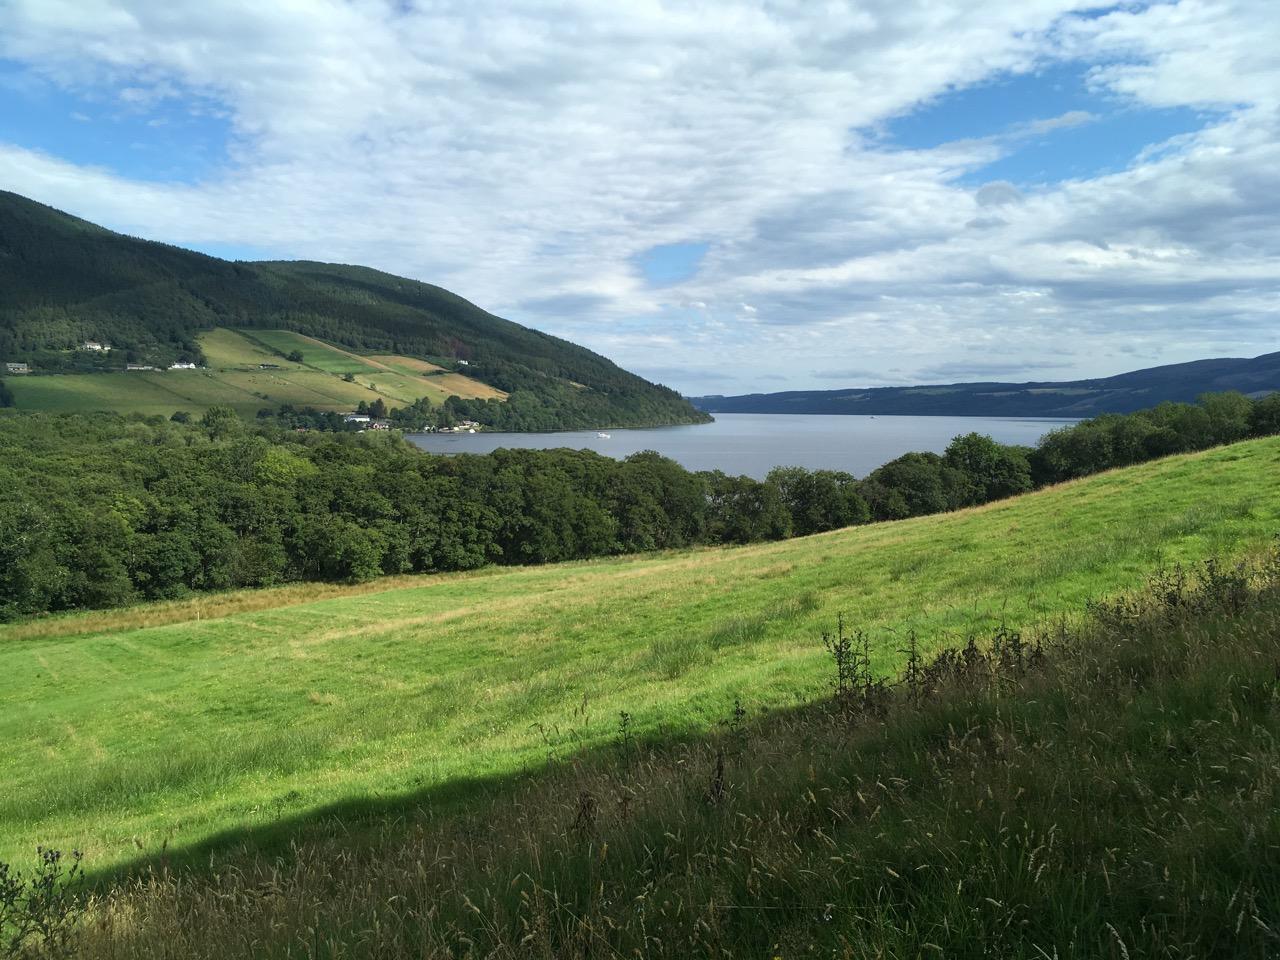 从Urquhart Castle到Drumnadrochit的那段A82公路边上的人行道是很好的徒步路线